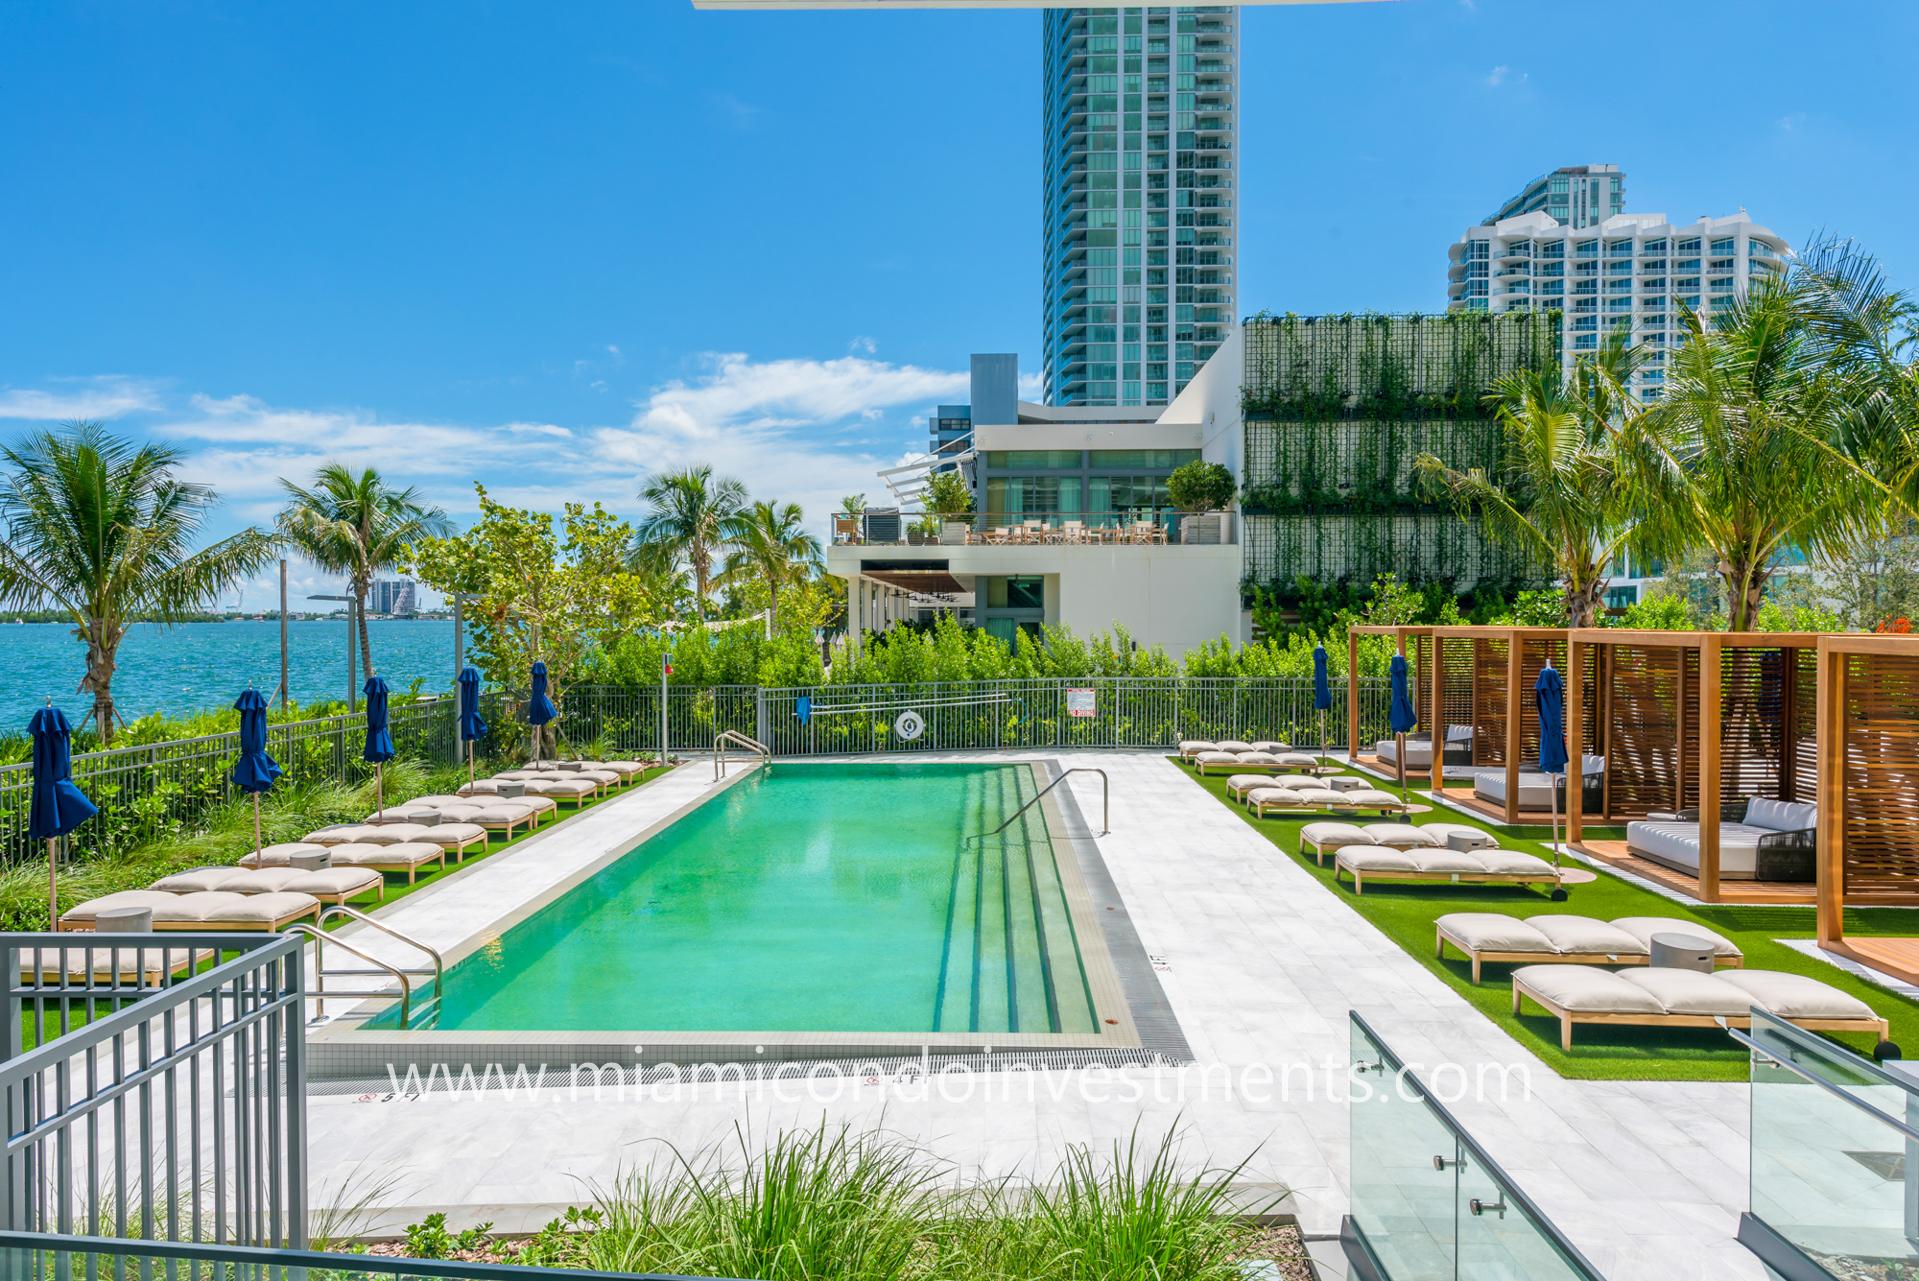 One Paraiso ground floor pool deck